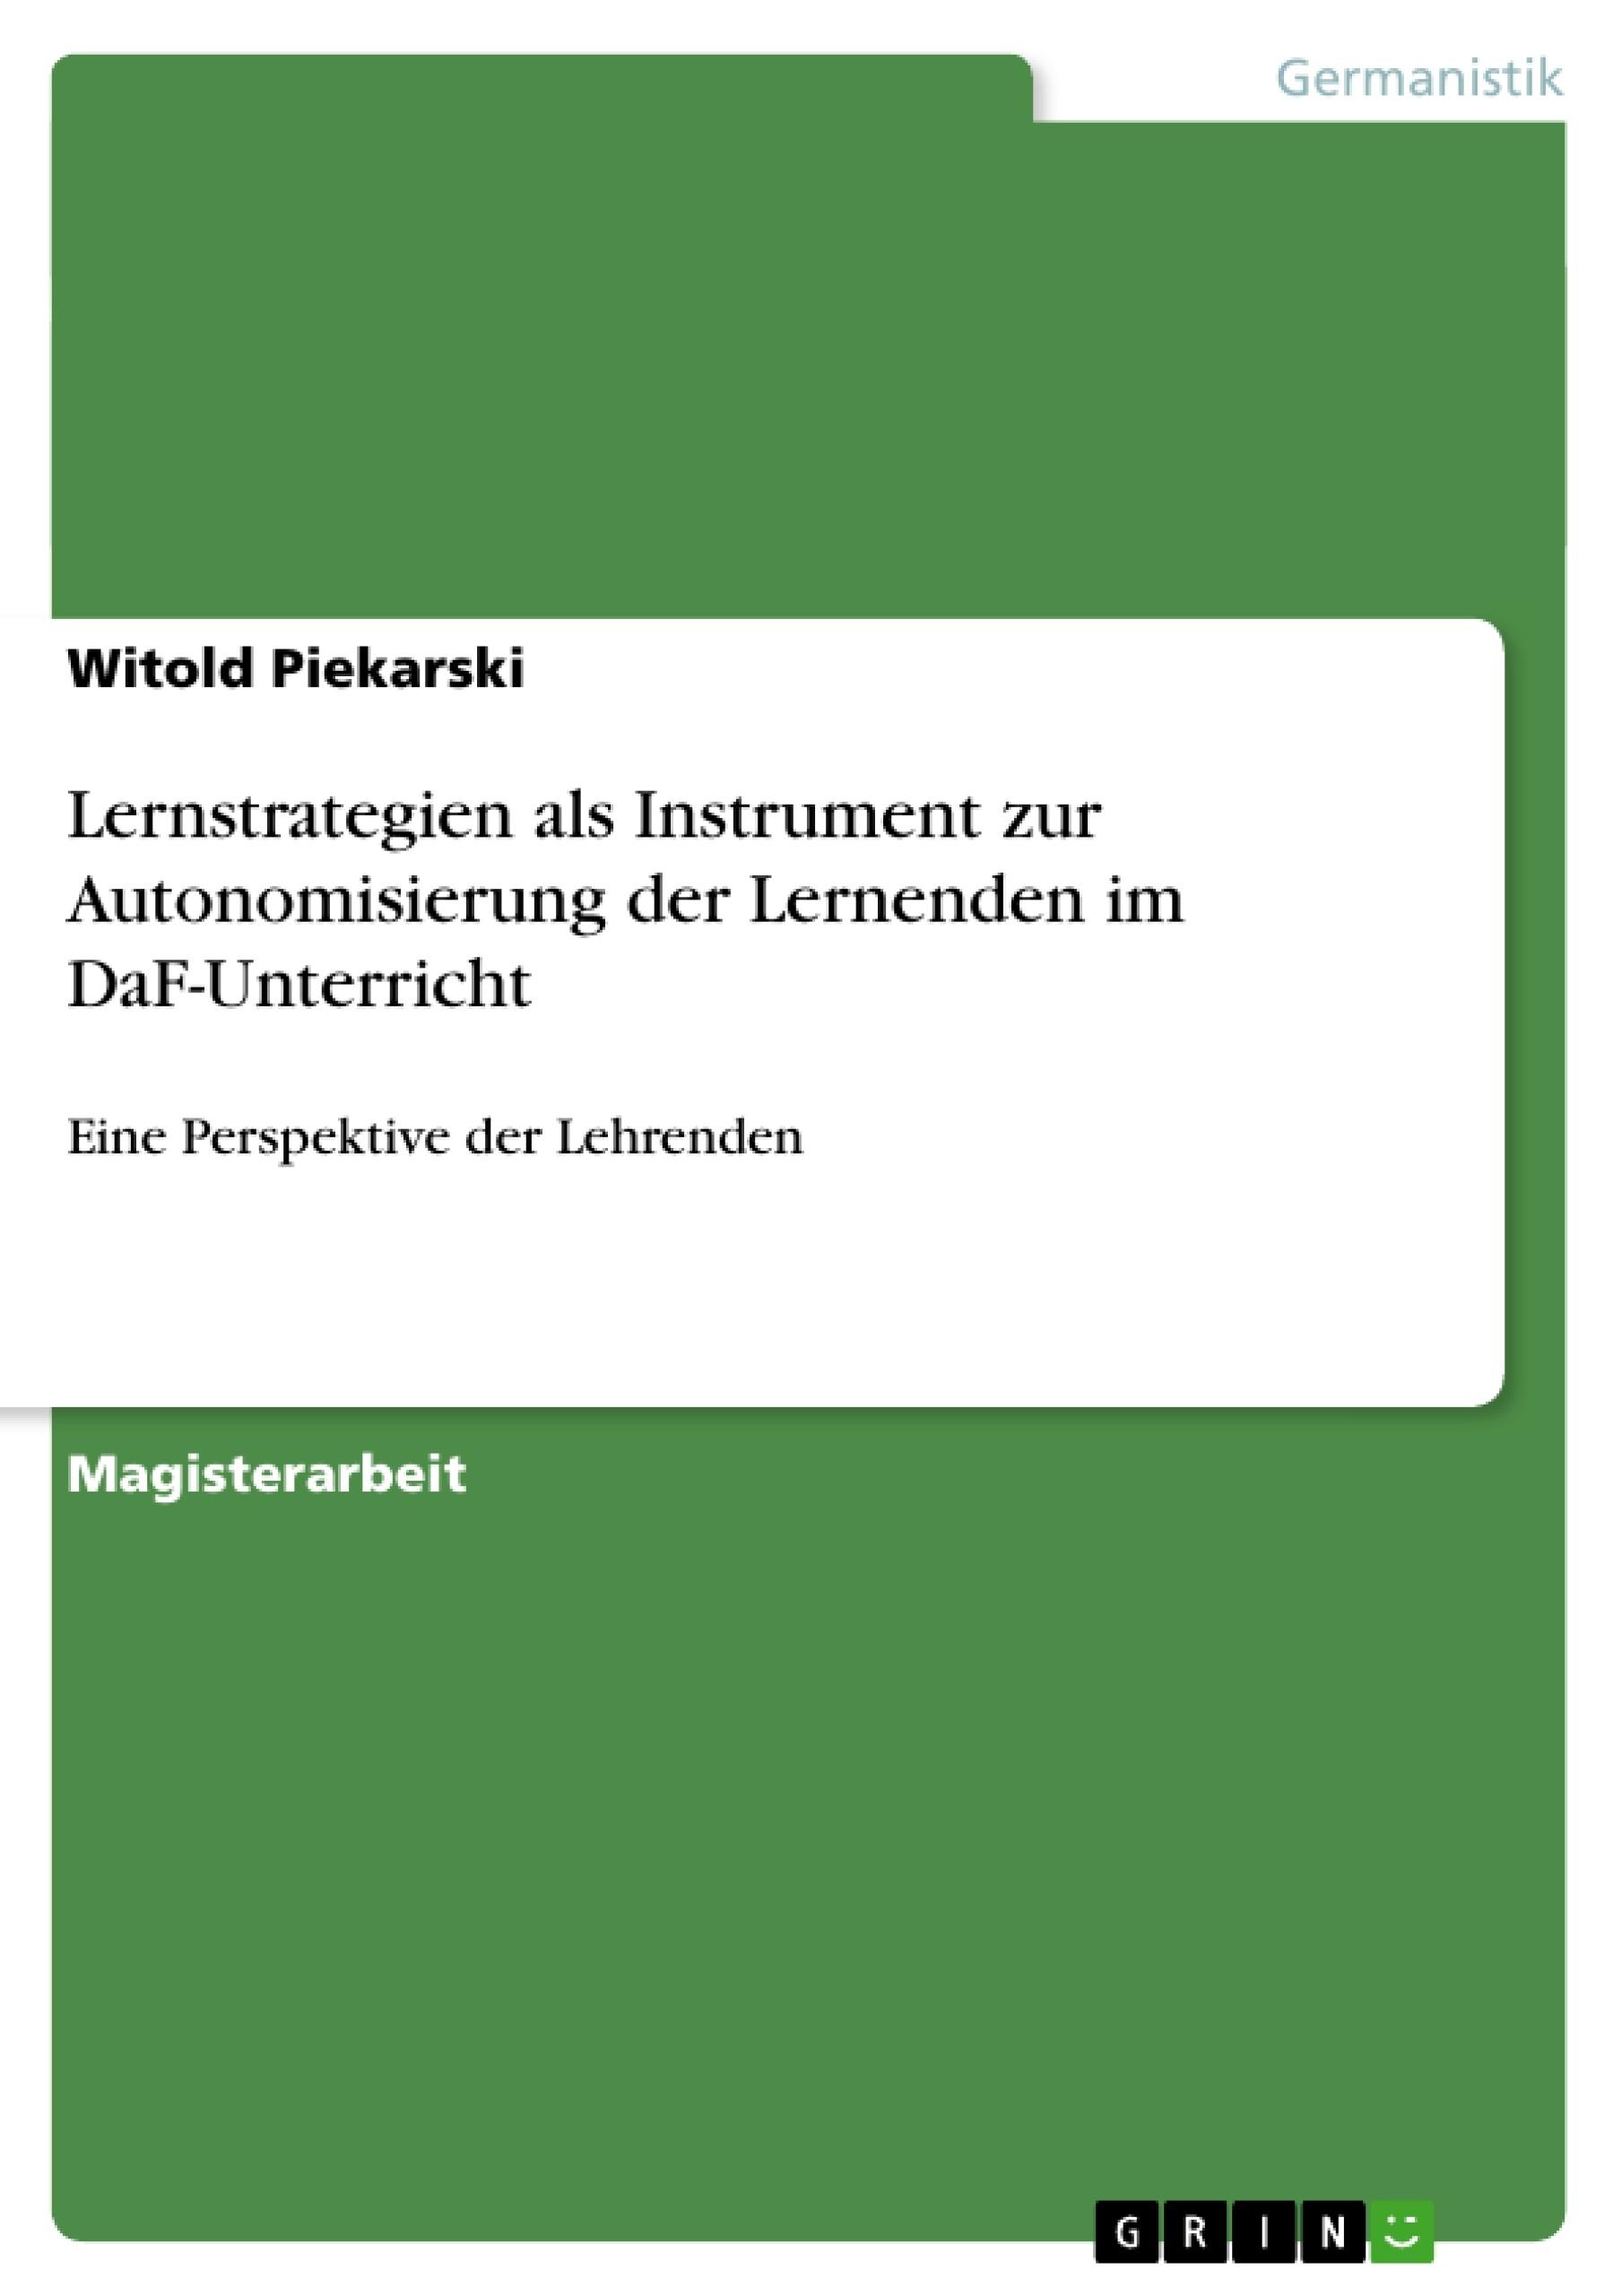 Titel: Lernstrategien als Instrument zur Autonomisierung der Lernenden im DaF-Unterricht